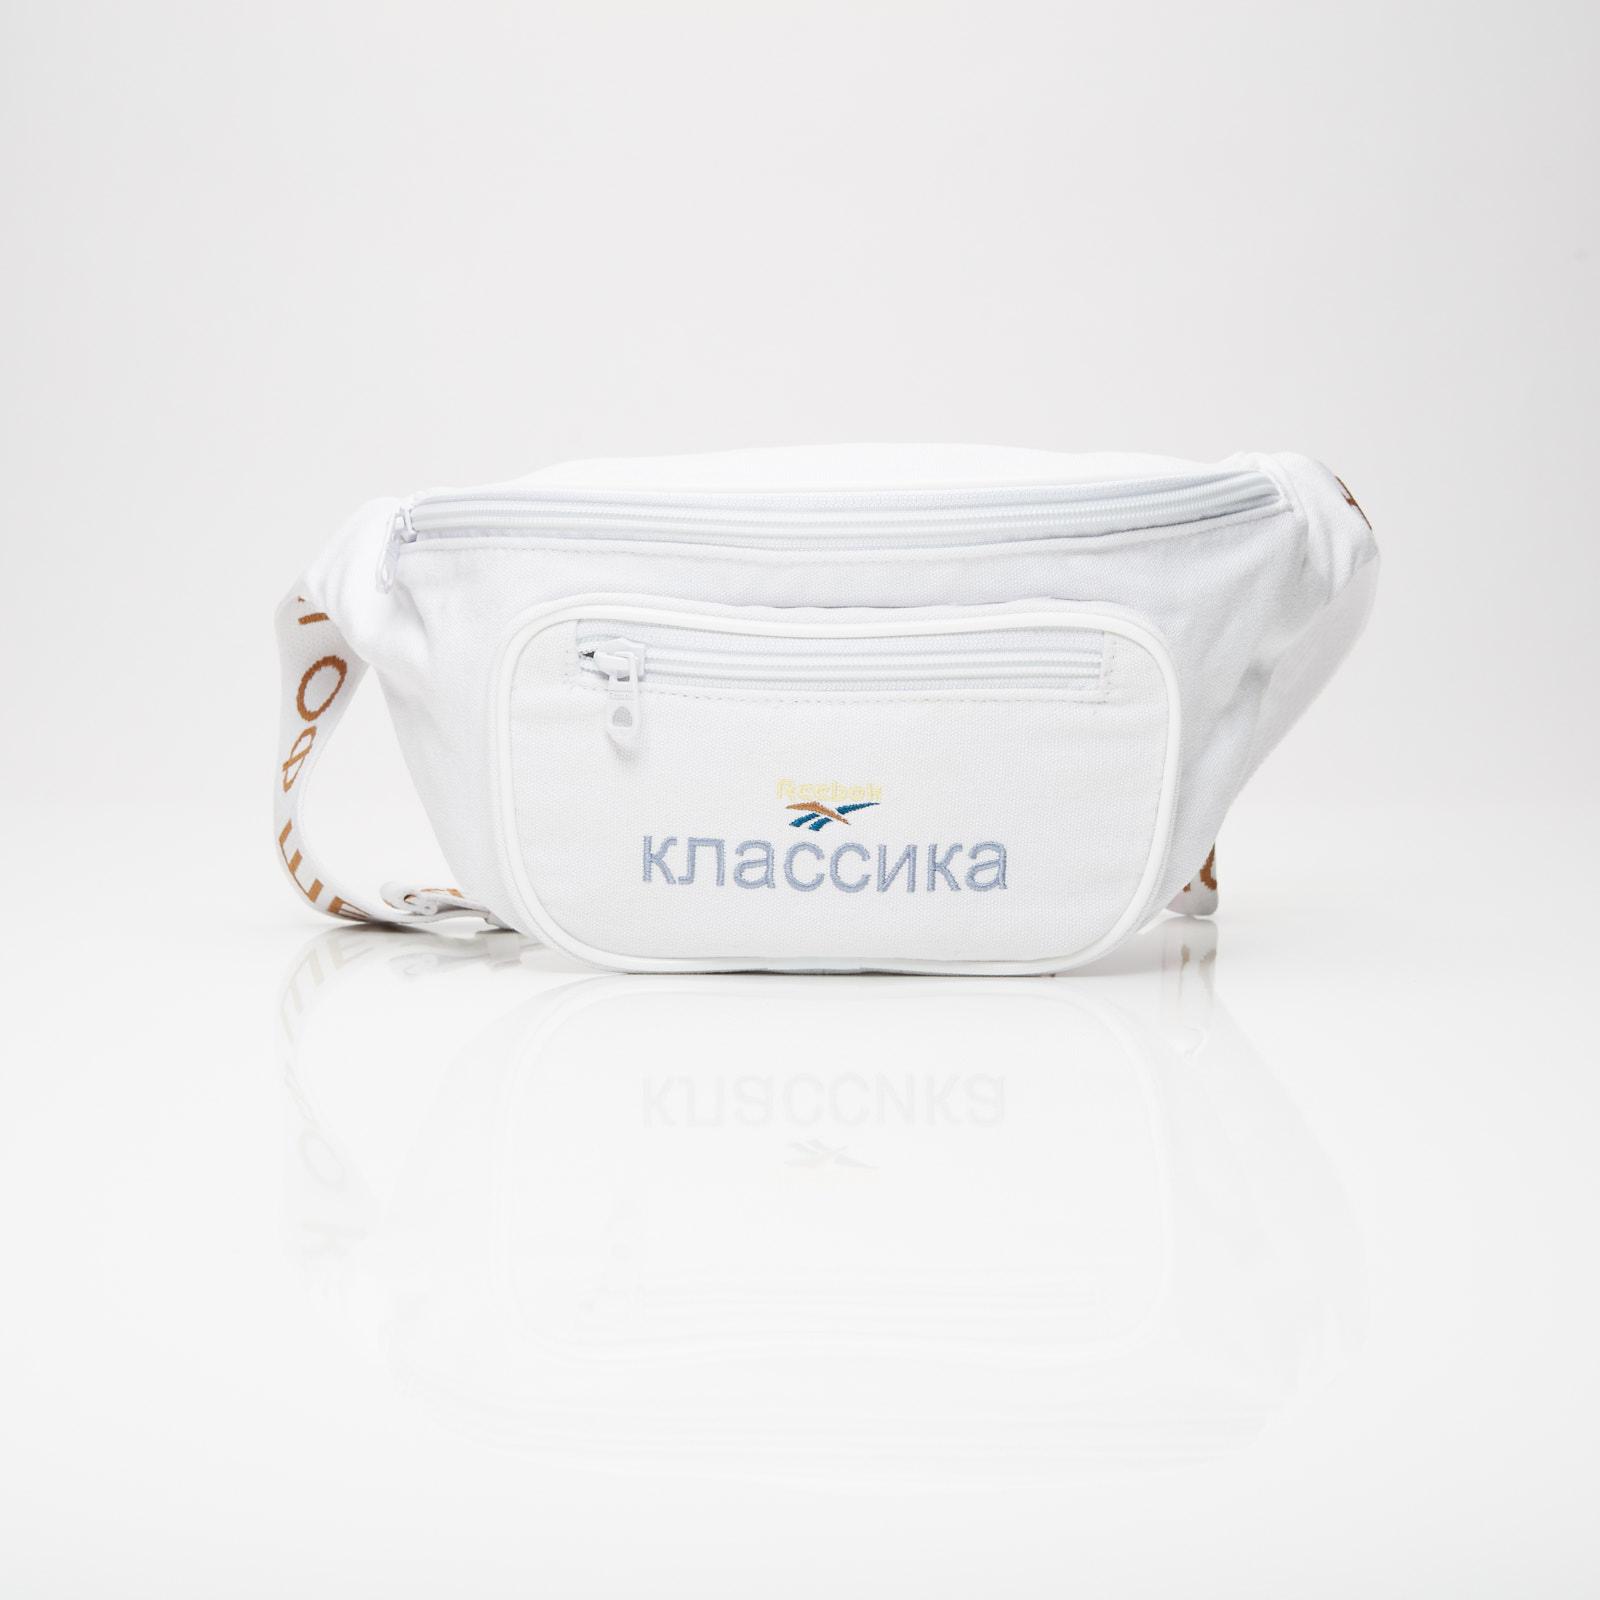 Reebok Classic Waistbag X Walk Of Shame - Dp4942 - Sneakersnstuff ... f9fd706e4a0